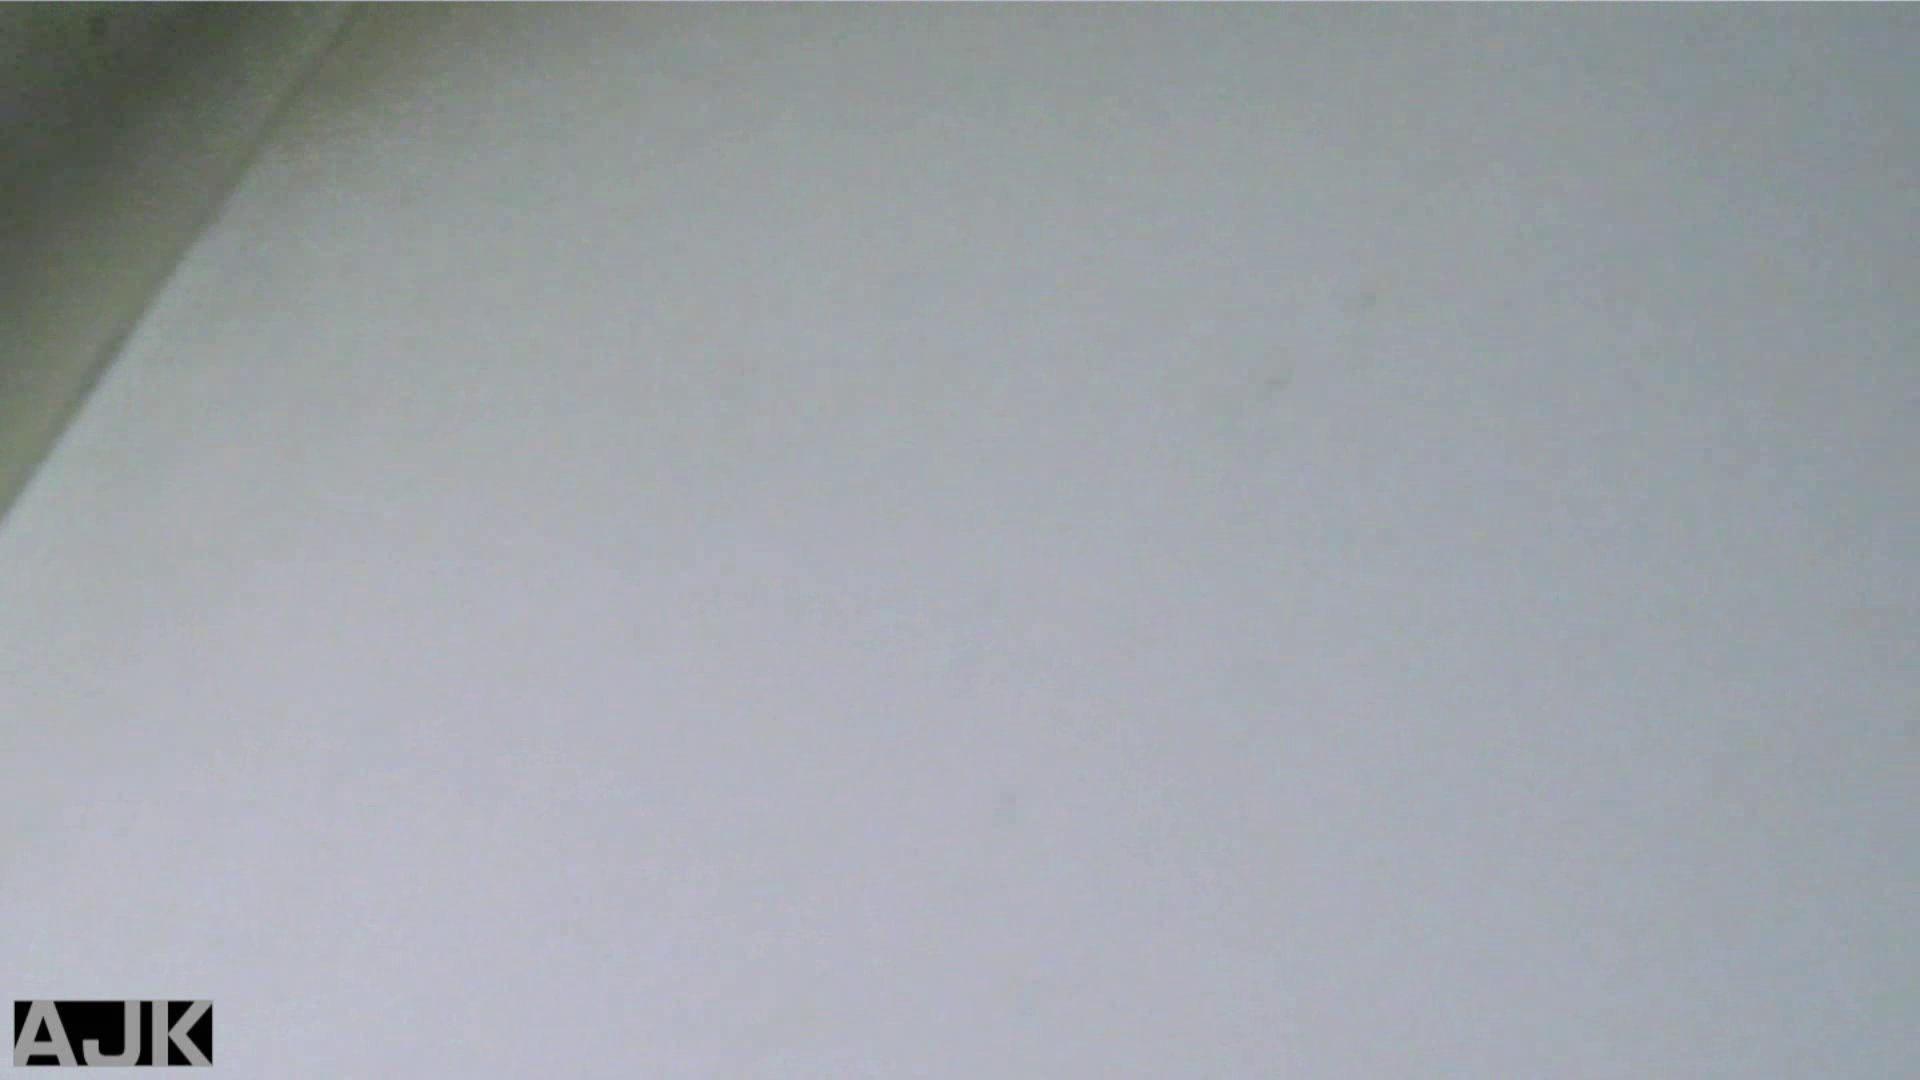 隣国上階級エリアの令嬢たちが集うデパートお手洗い Vol.03 お手洗い  98Pix 71